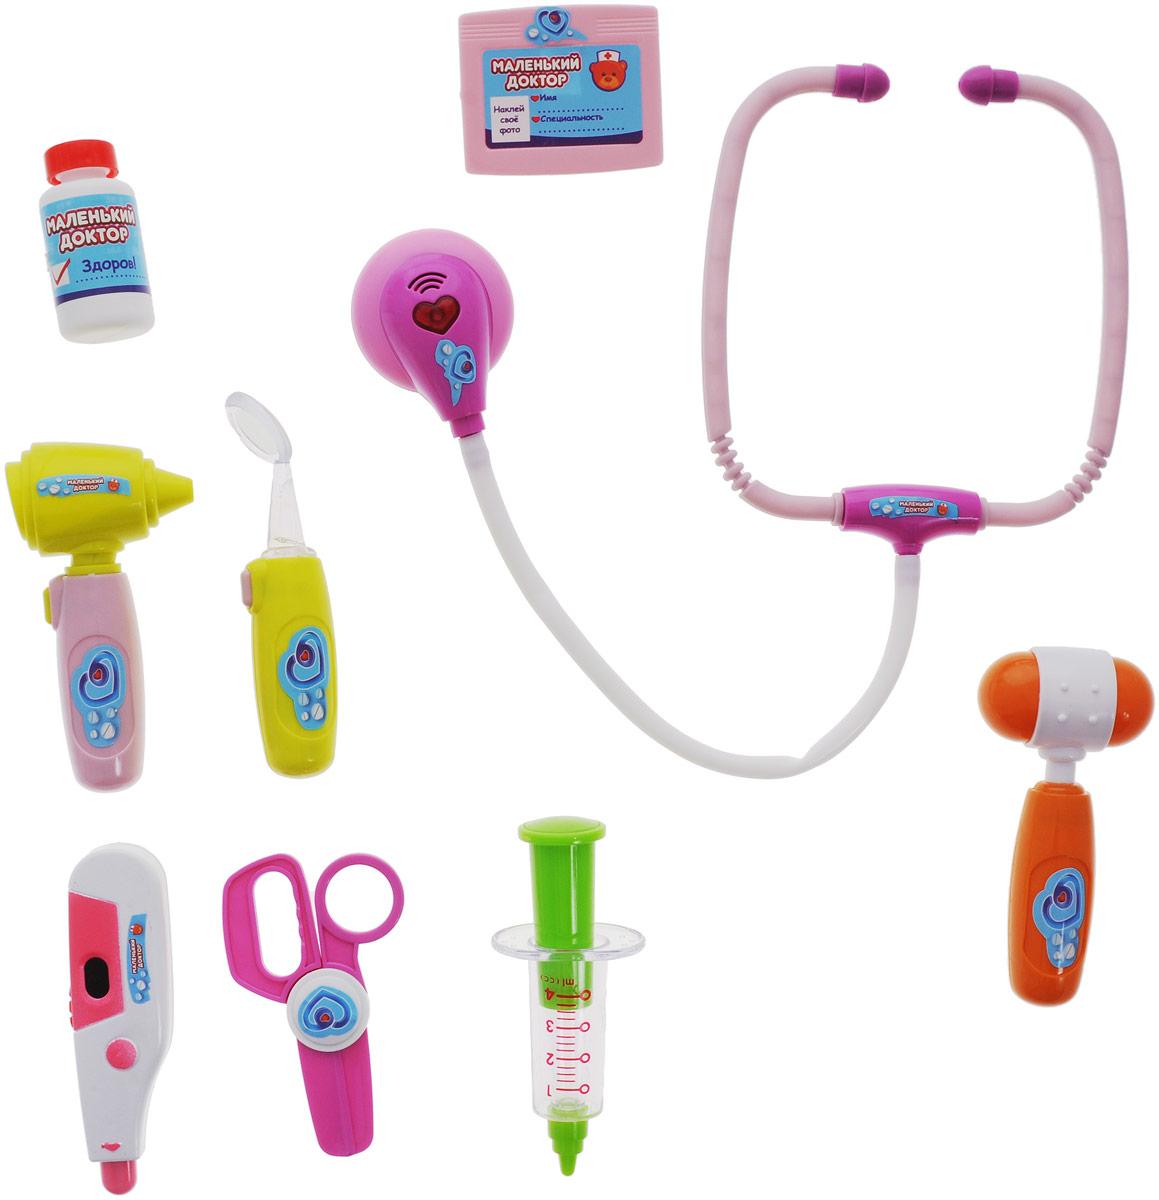 ABtoys Набор медицинских инструментов Маленький доктор 10 предметовPT-00334Игровой набор ABtoys Маленький доктор включает в себя 10 предметов, при помощи которых ребенок сможет производить осмотр игрушечным пациентам, назначать лечение, и лечить. Набор доктора упакован в кейс с удобной ручкой для переноски. В наборе доктора есть стетоскоп, зеркальце, бейджик, баночка с лекарством, шприц, отоскоп, термометр, ножницы, молоточек, кейс. С этим замечательным набором малыш сможет почувствовать себя квалифицированным специалистом. Теперь все игрушки будут совершенно здоровы!